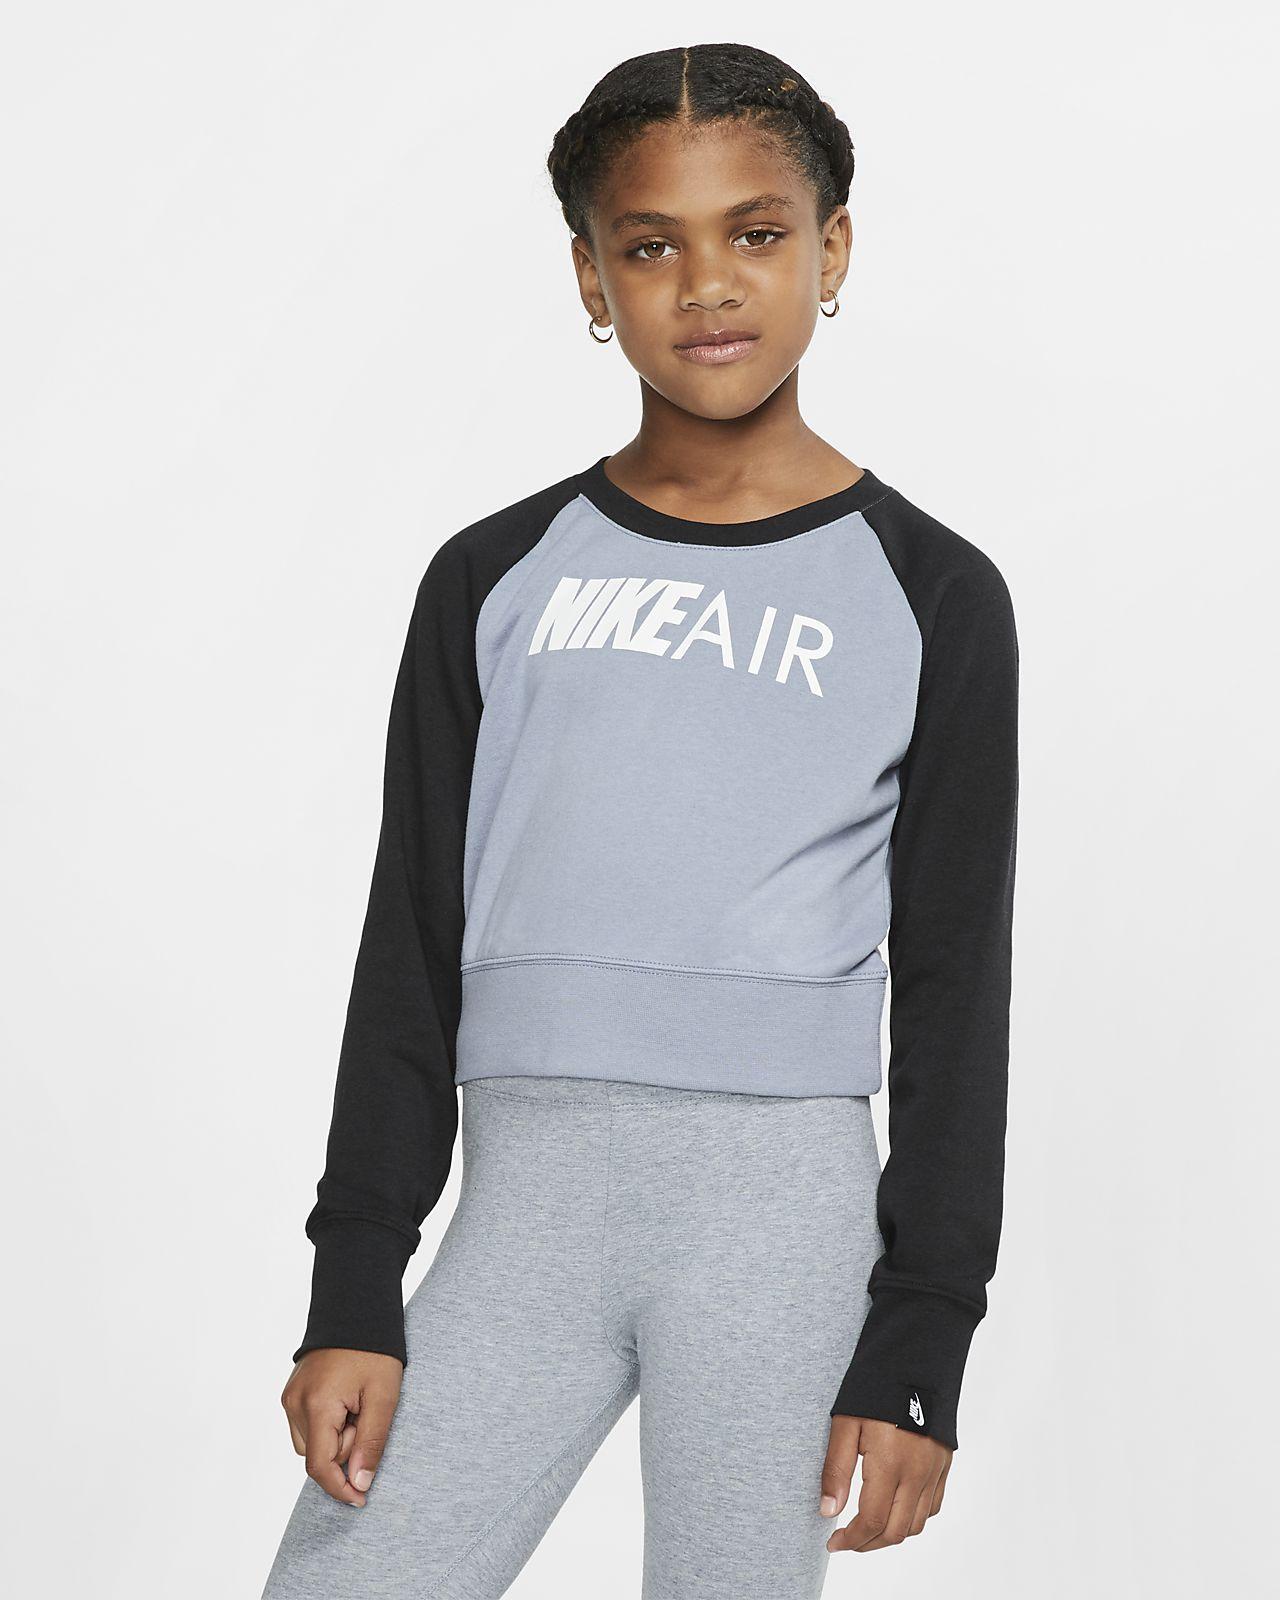 Nike Air Meisjesshirt met ronde hals